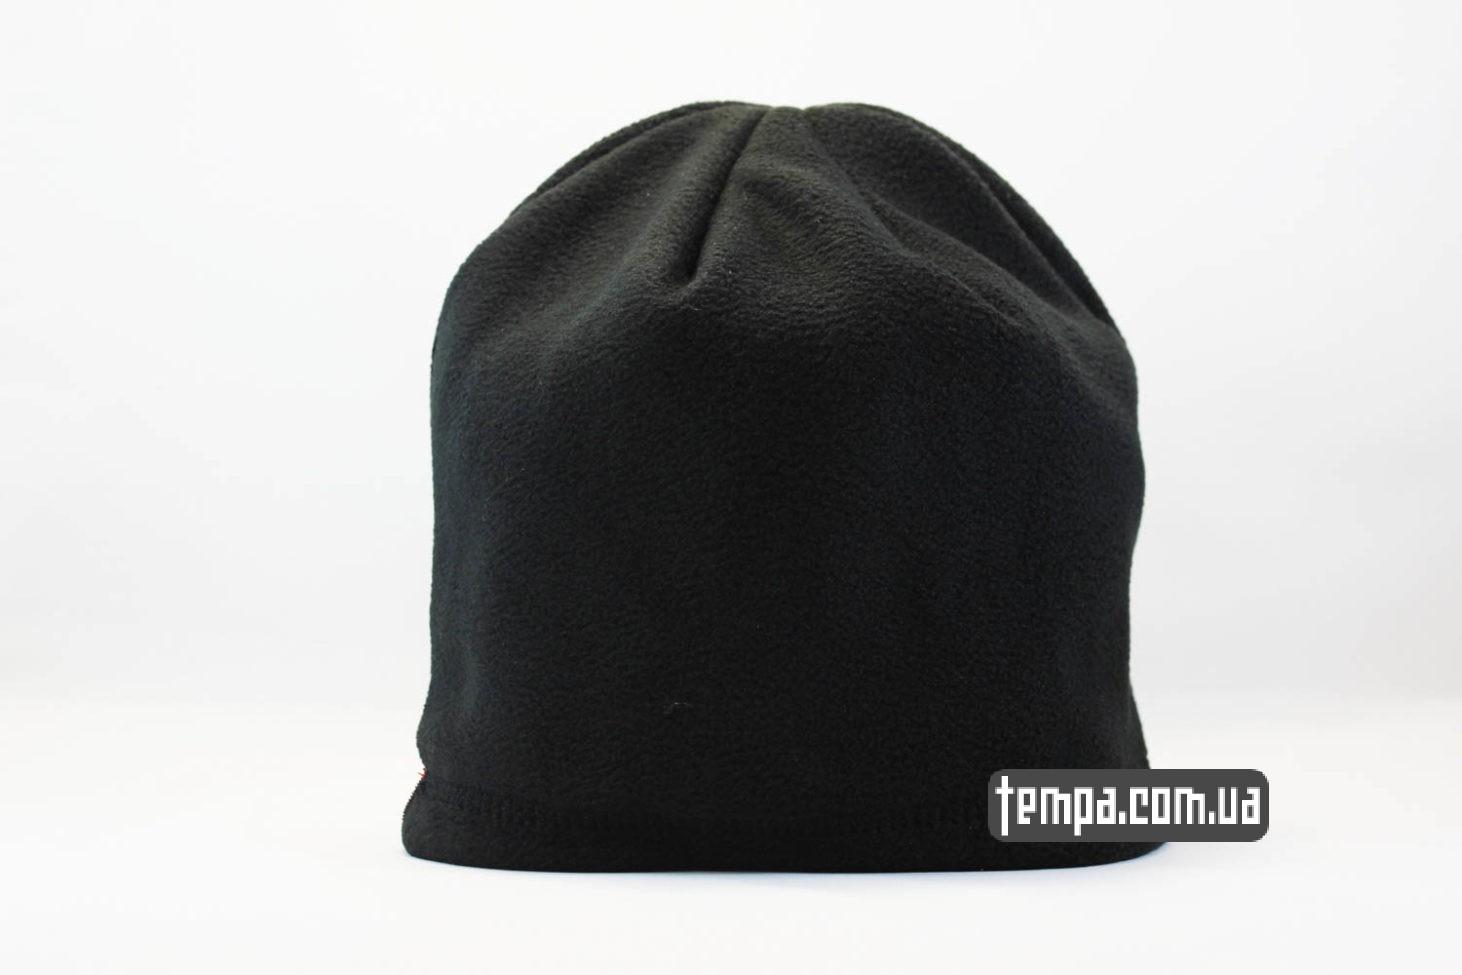 норс фейс оригинал шапка beanie the north face black черная оригинал купить Украина